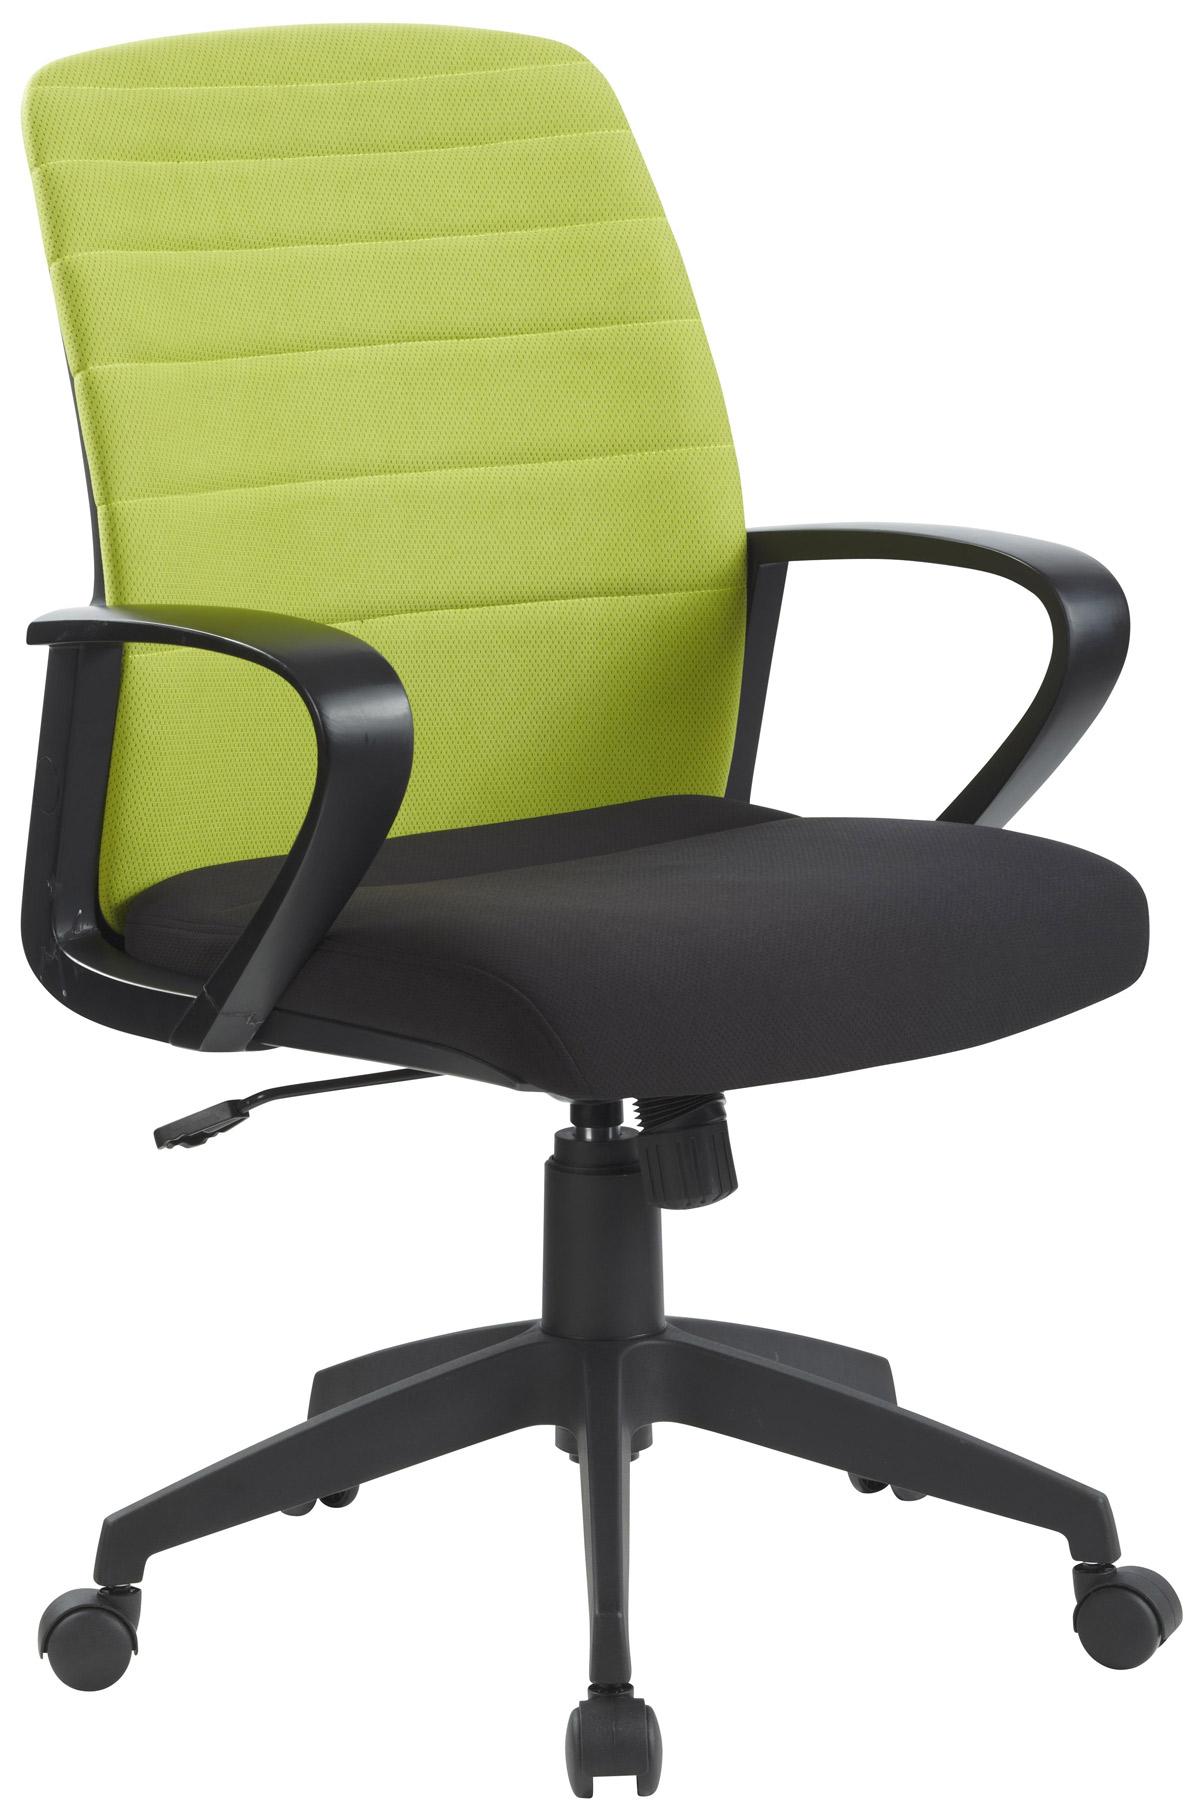 Agata Meble Krzesło obrotowe z zielonym oparciem